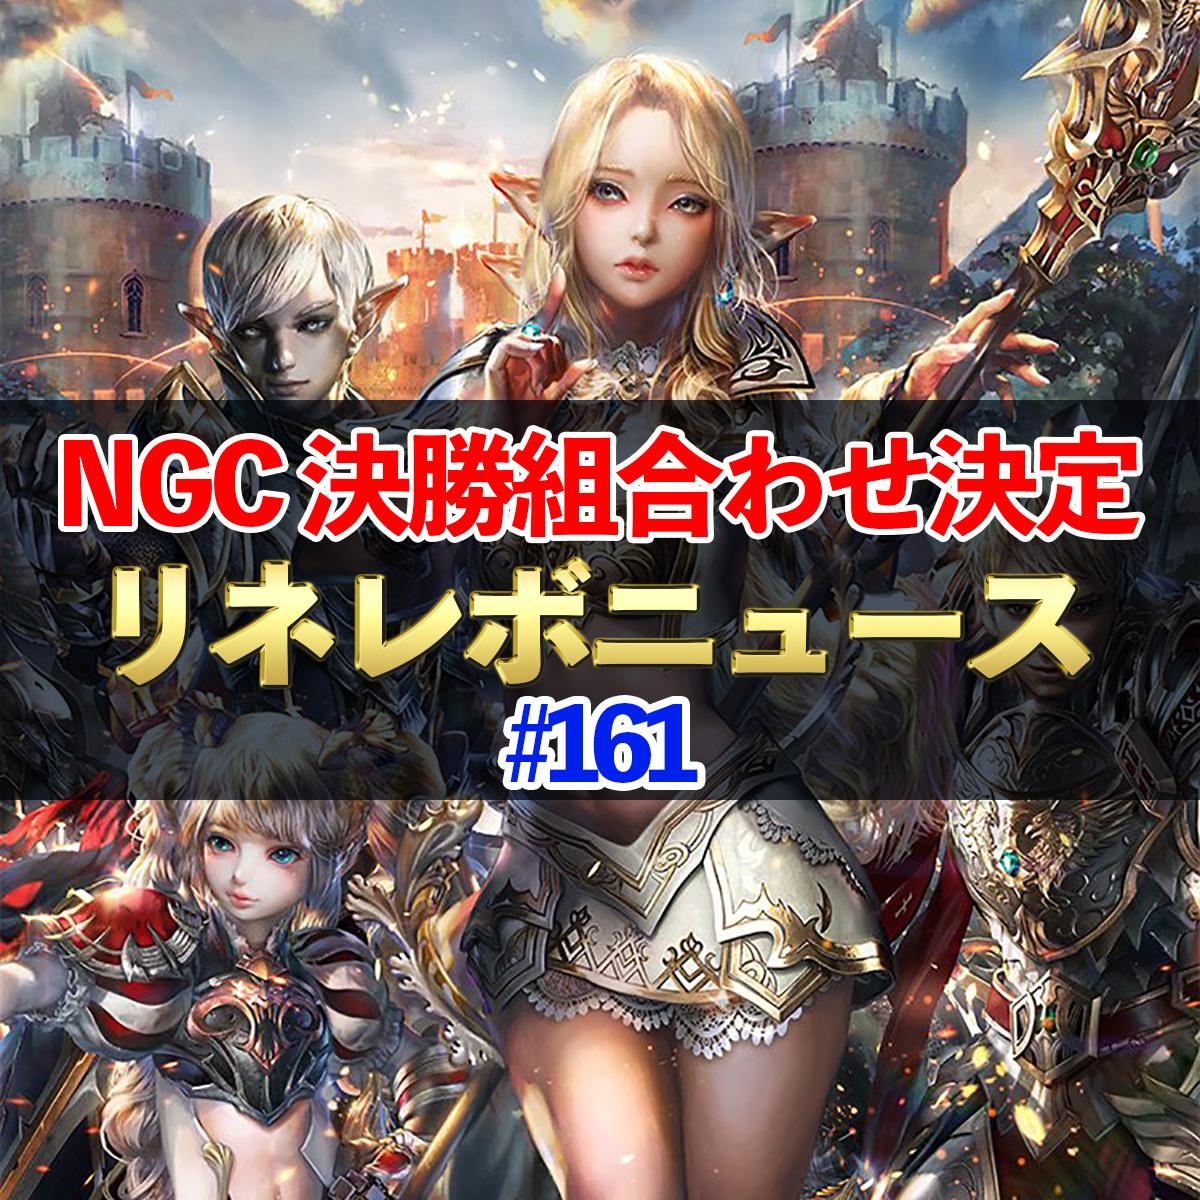 【リネレボ】NGC 決勝組合わせ決定! #161